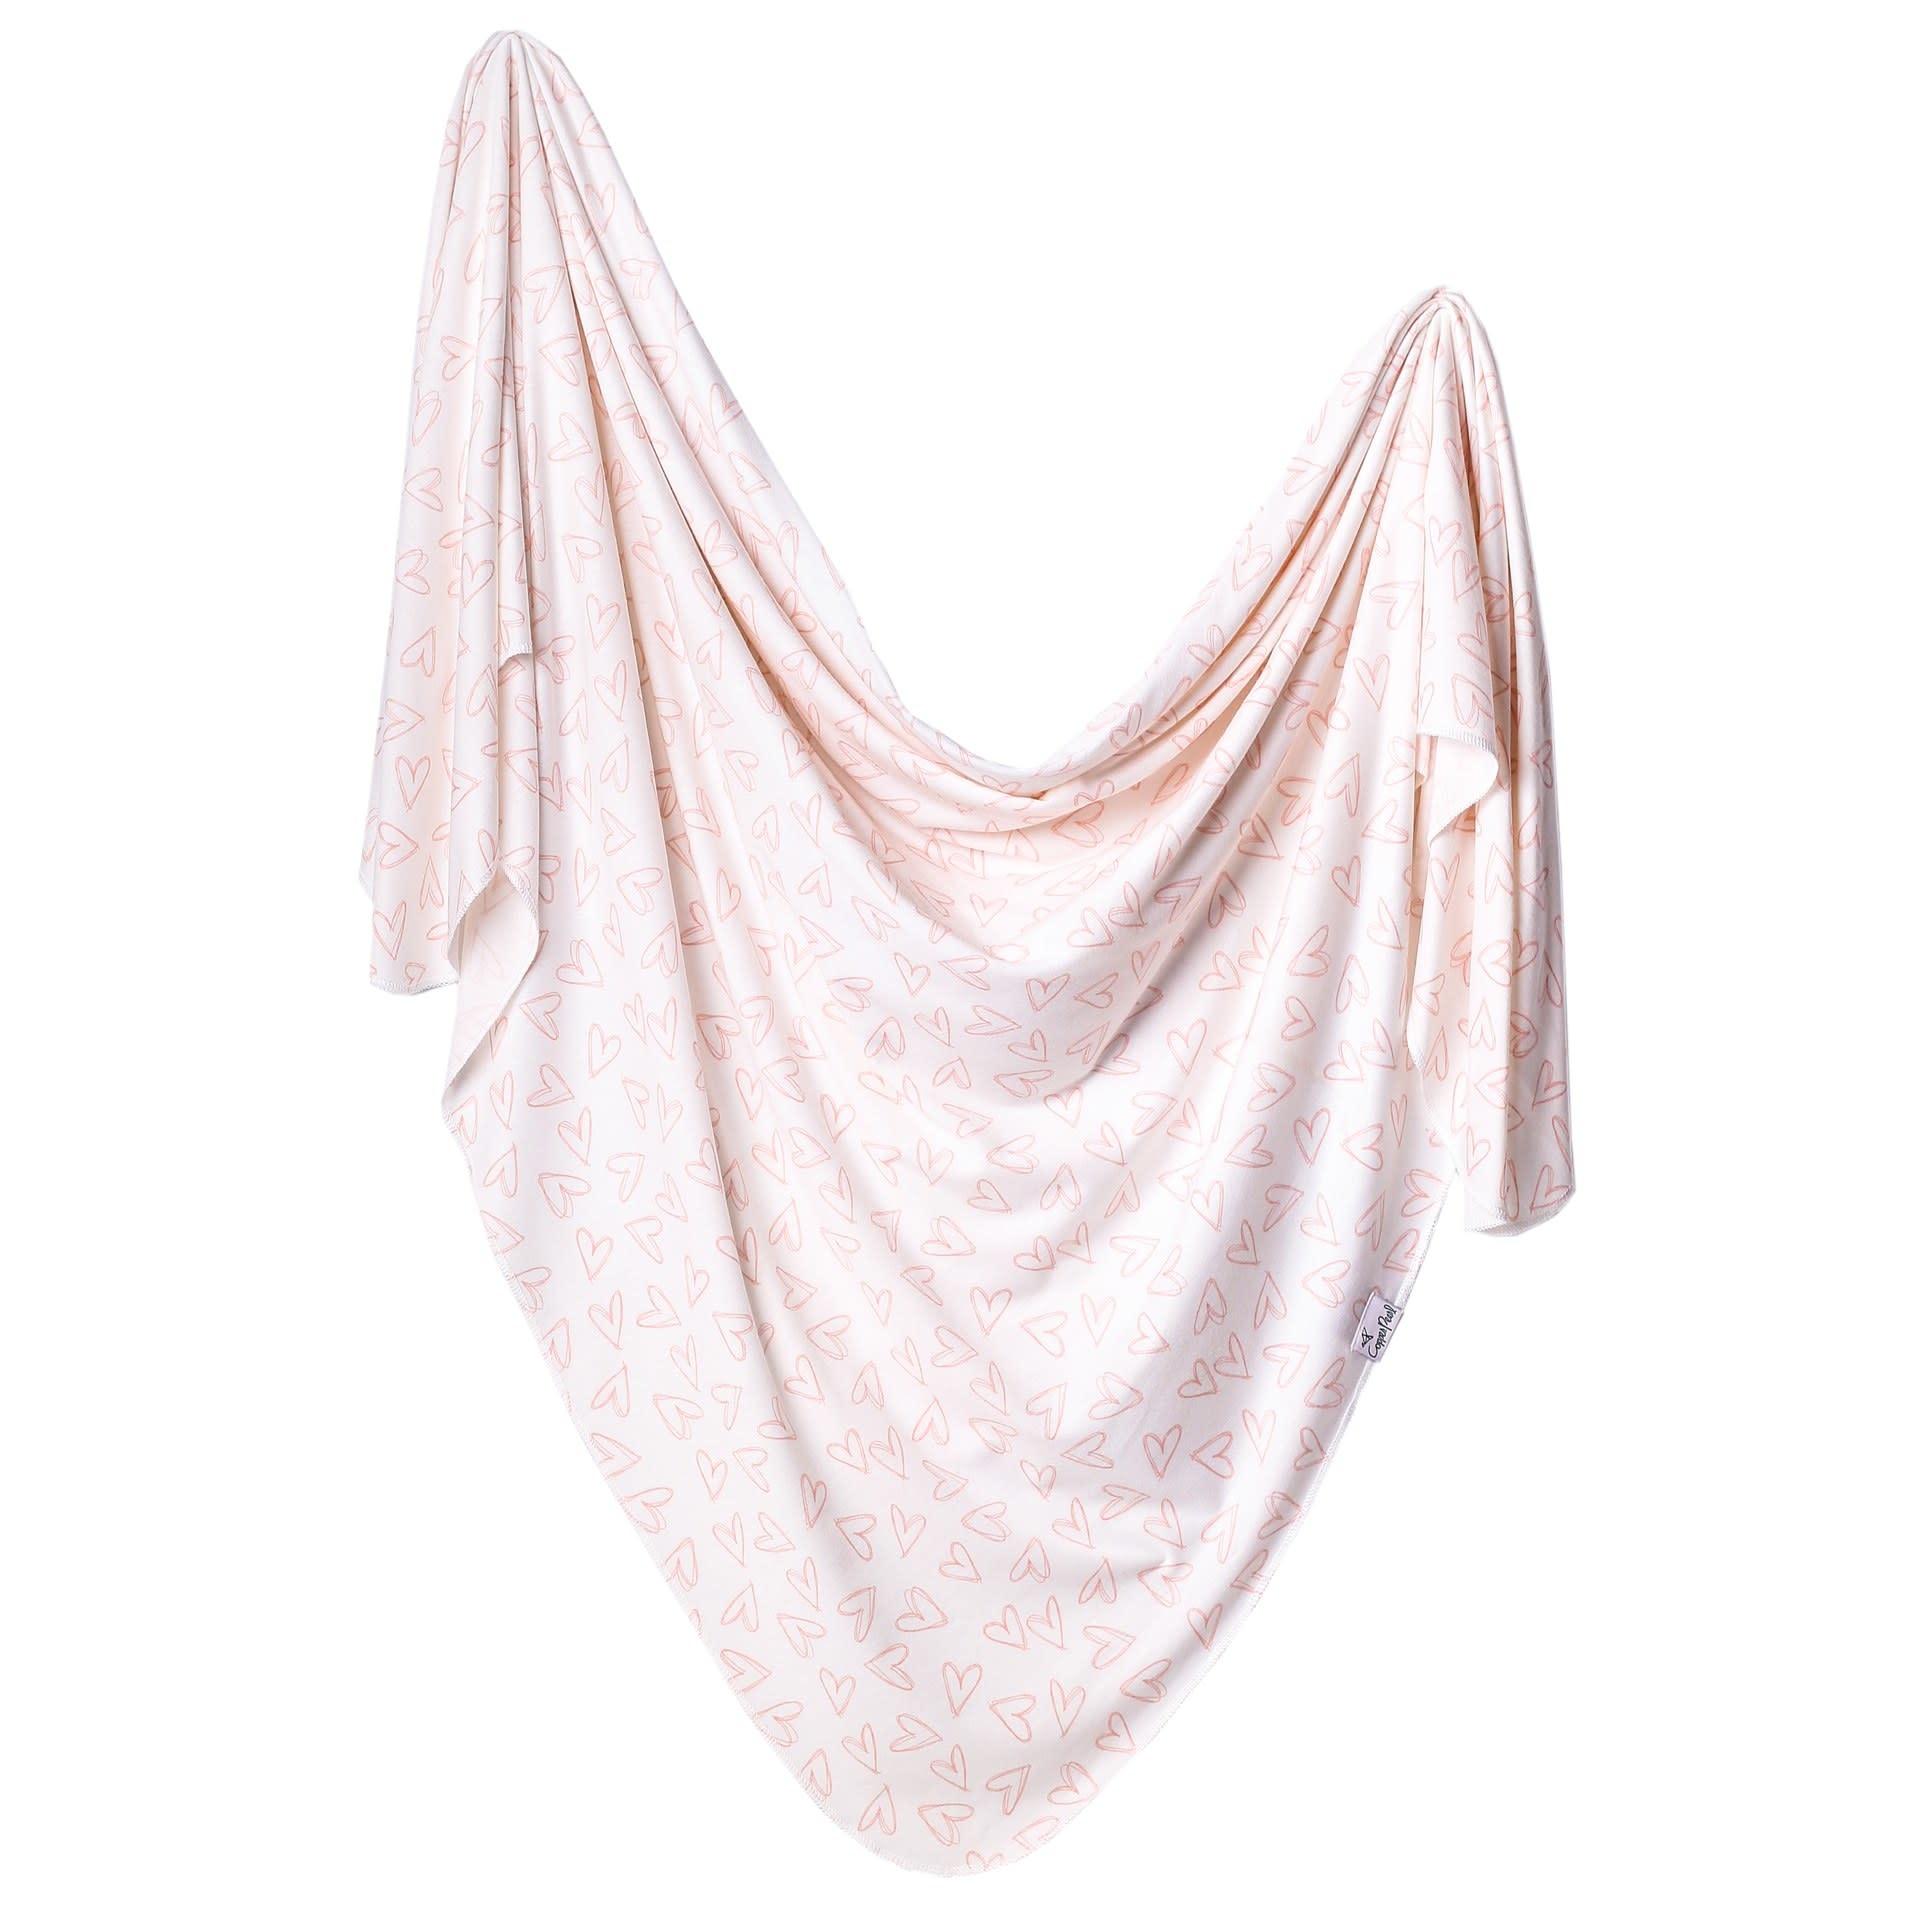 Copper Pearl Knit Blanket - Lola